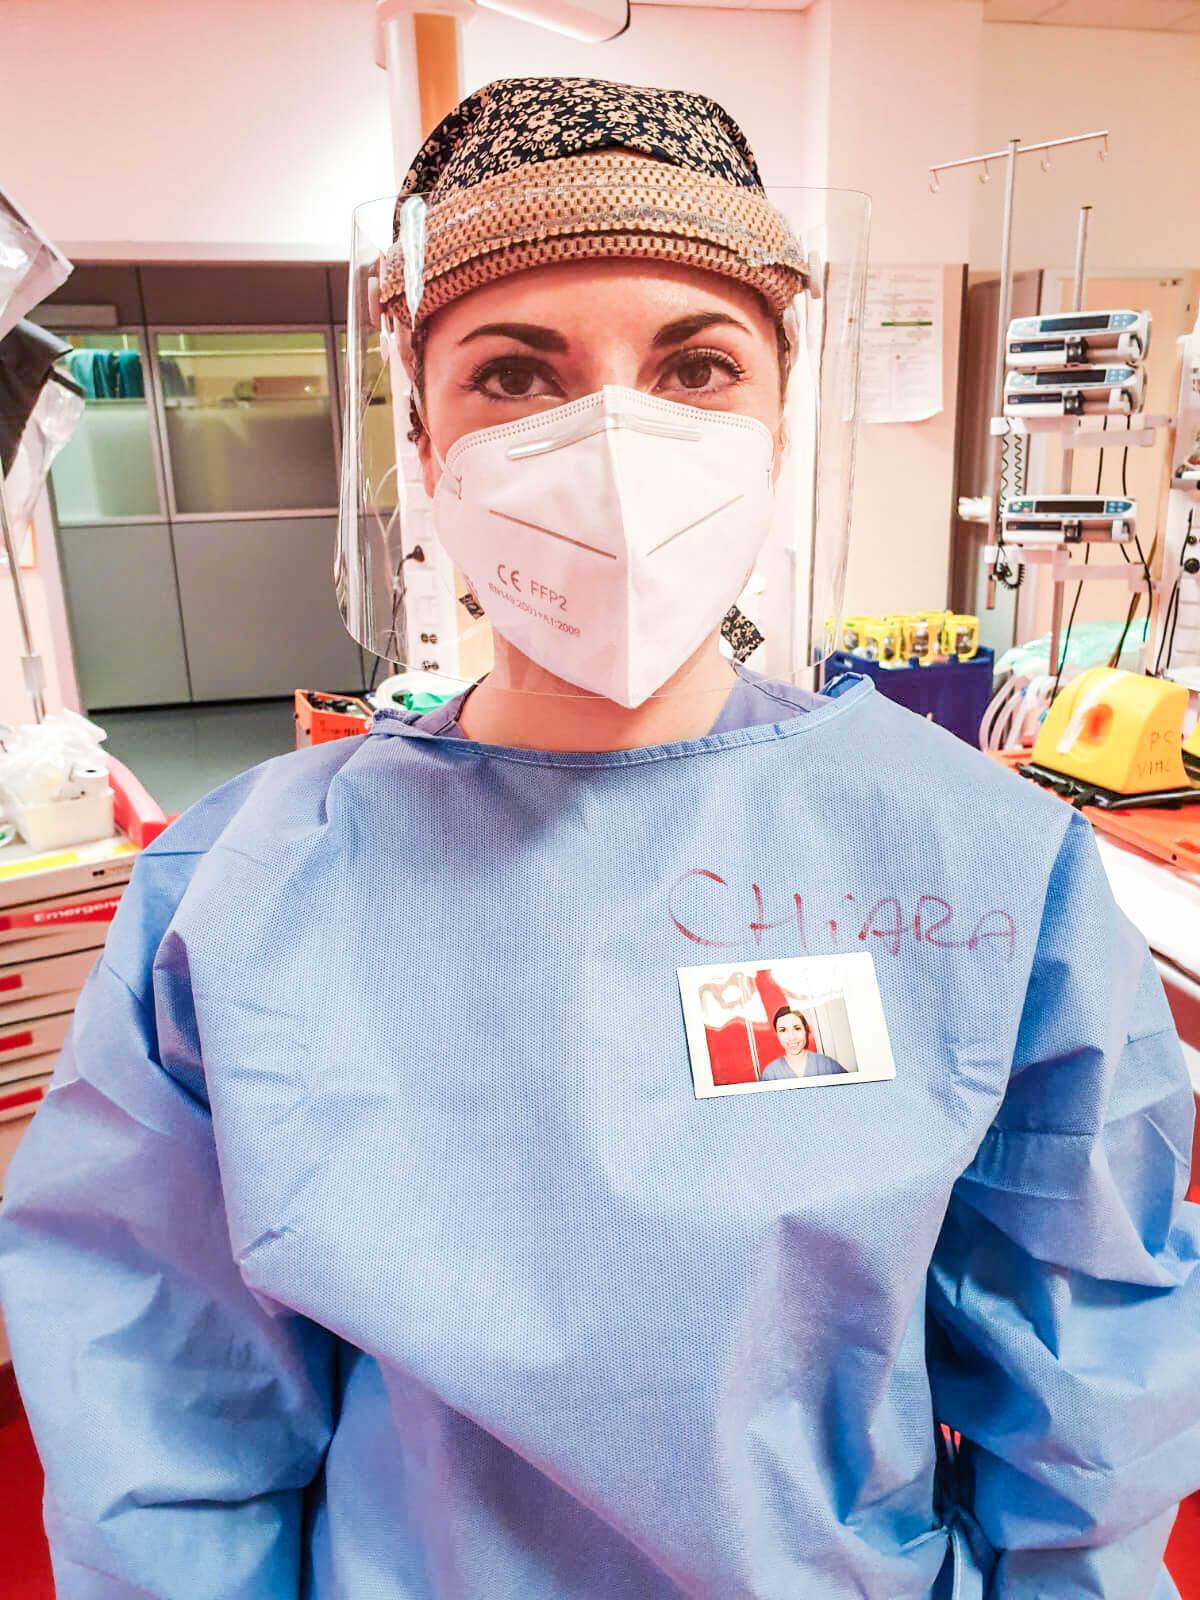 A medical worker wears an Instax portrait